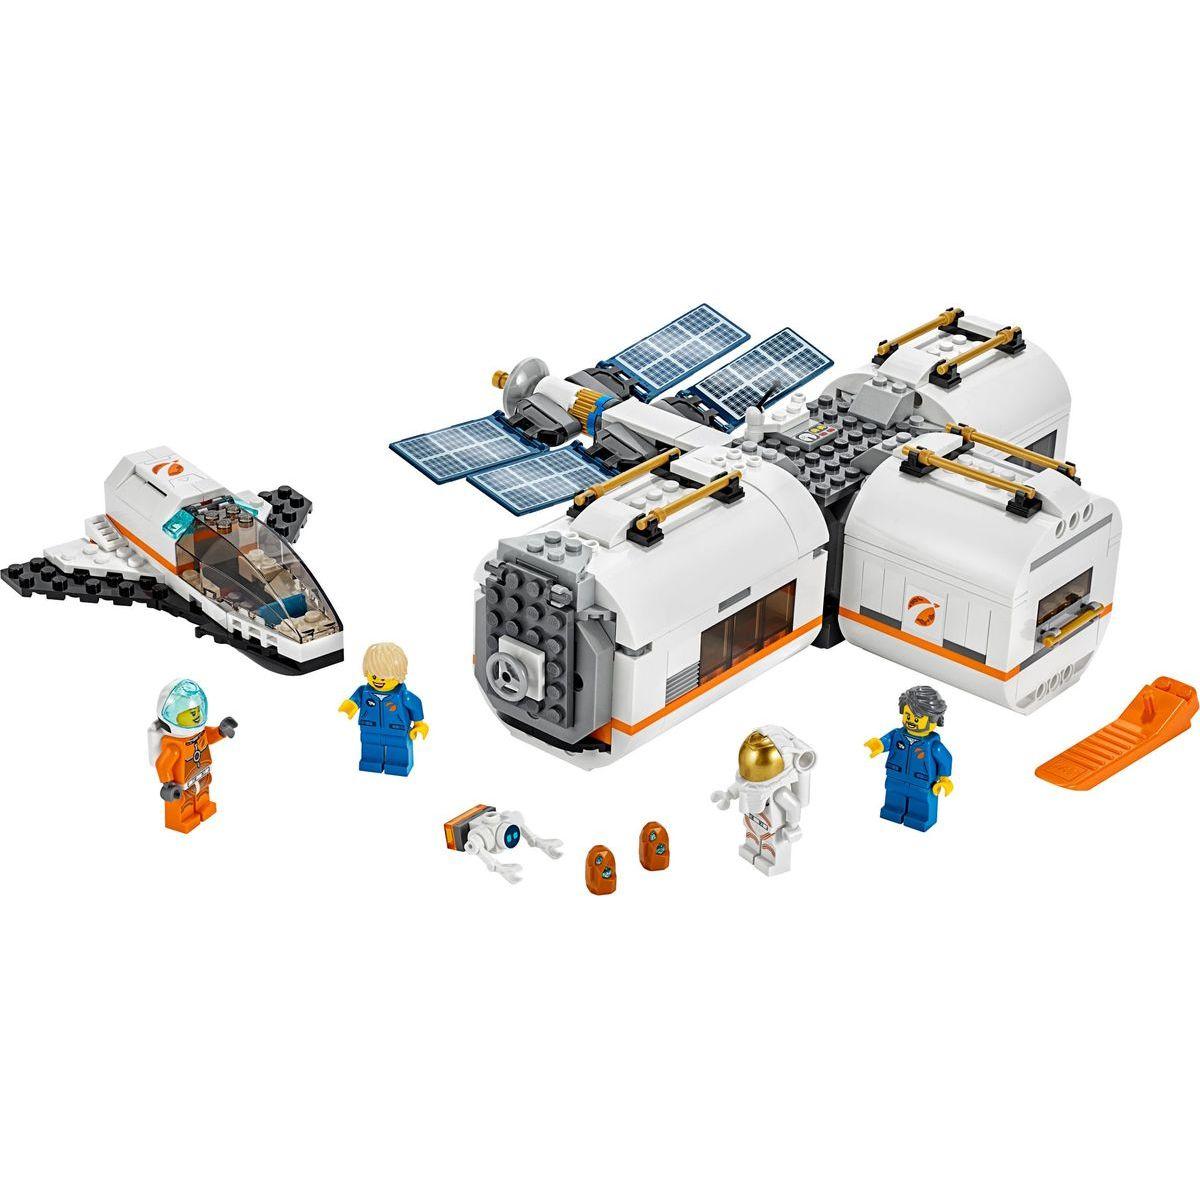 LEGO City Space Port 60227 Lunárna vesmírna stanica